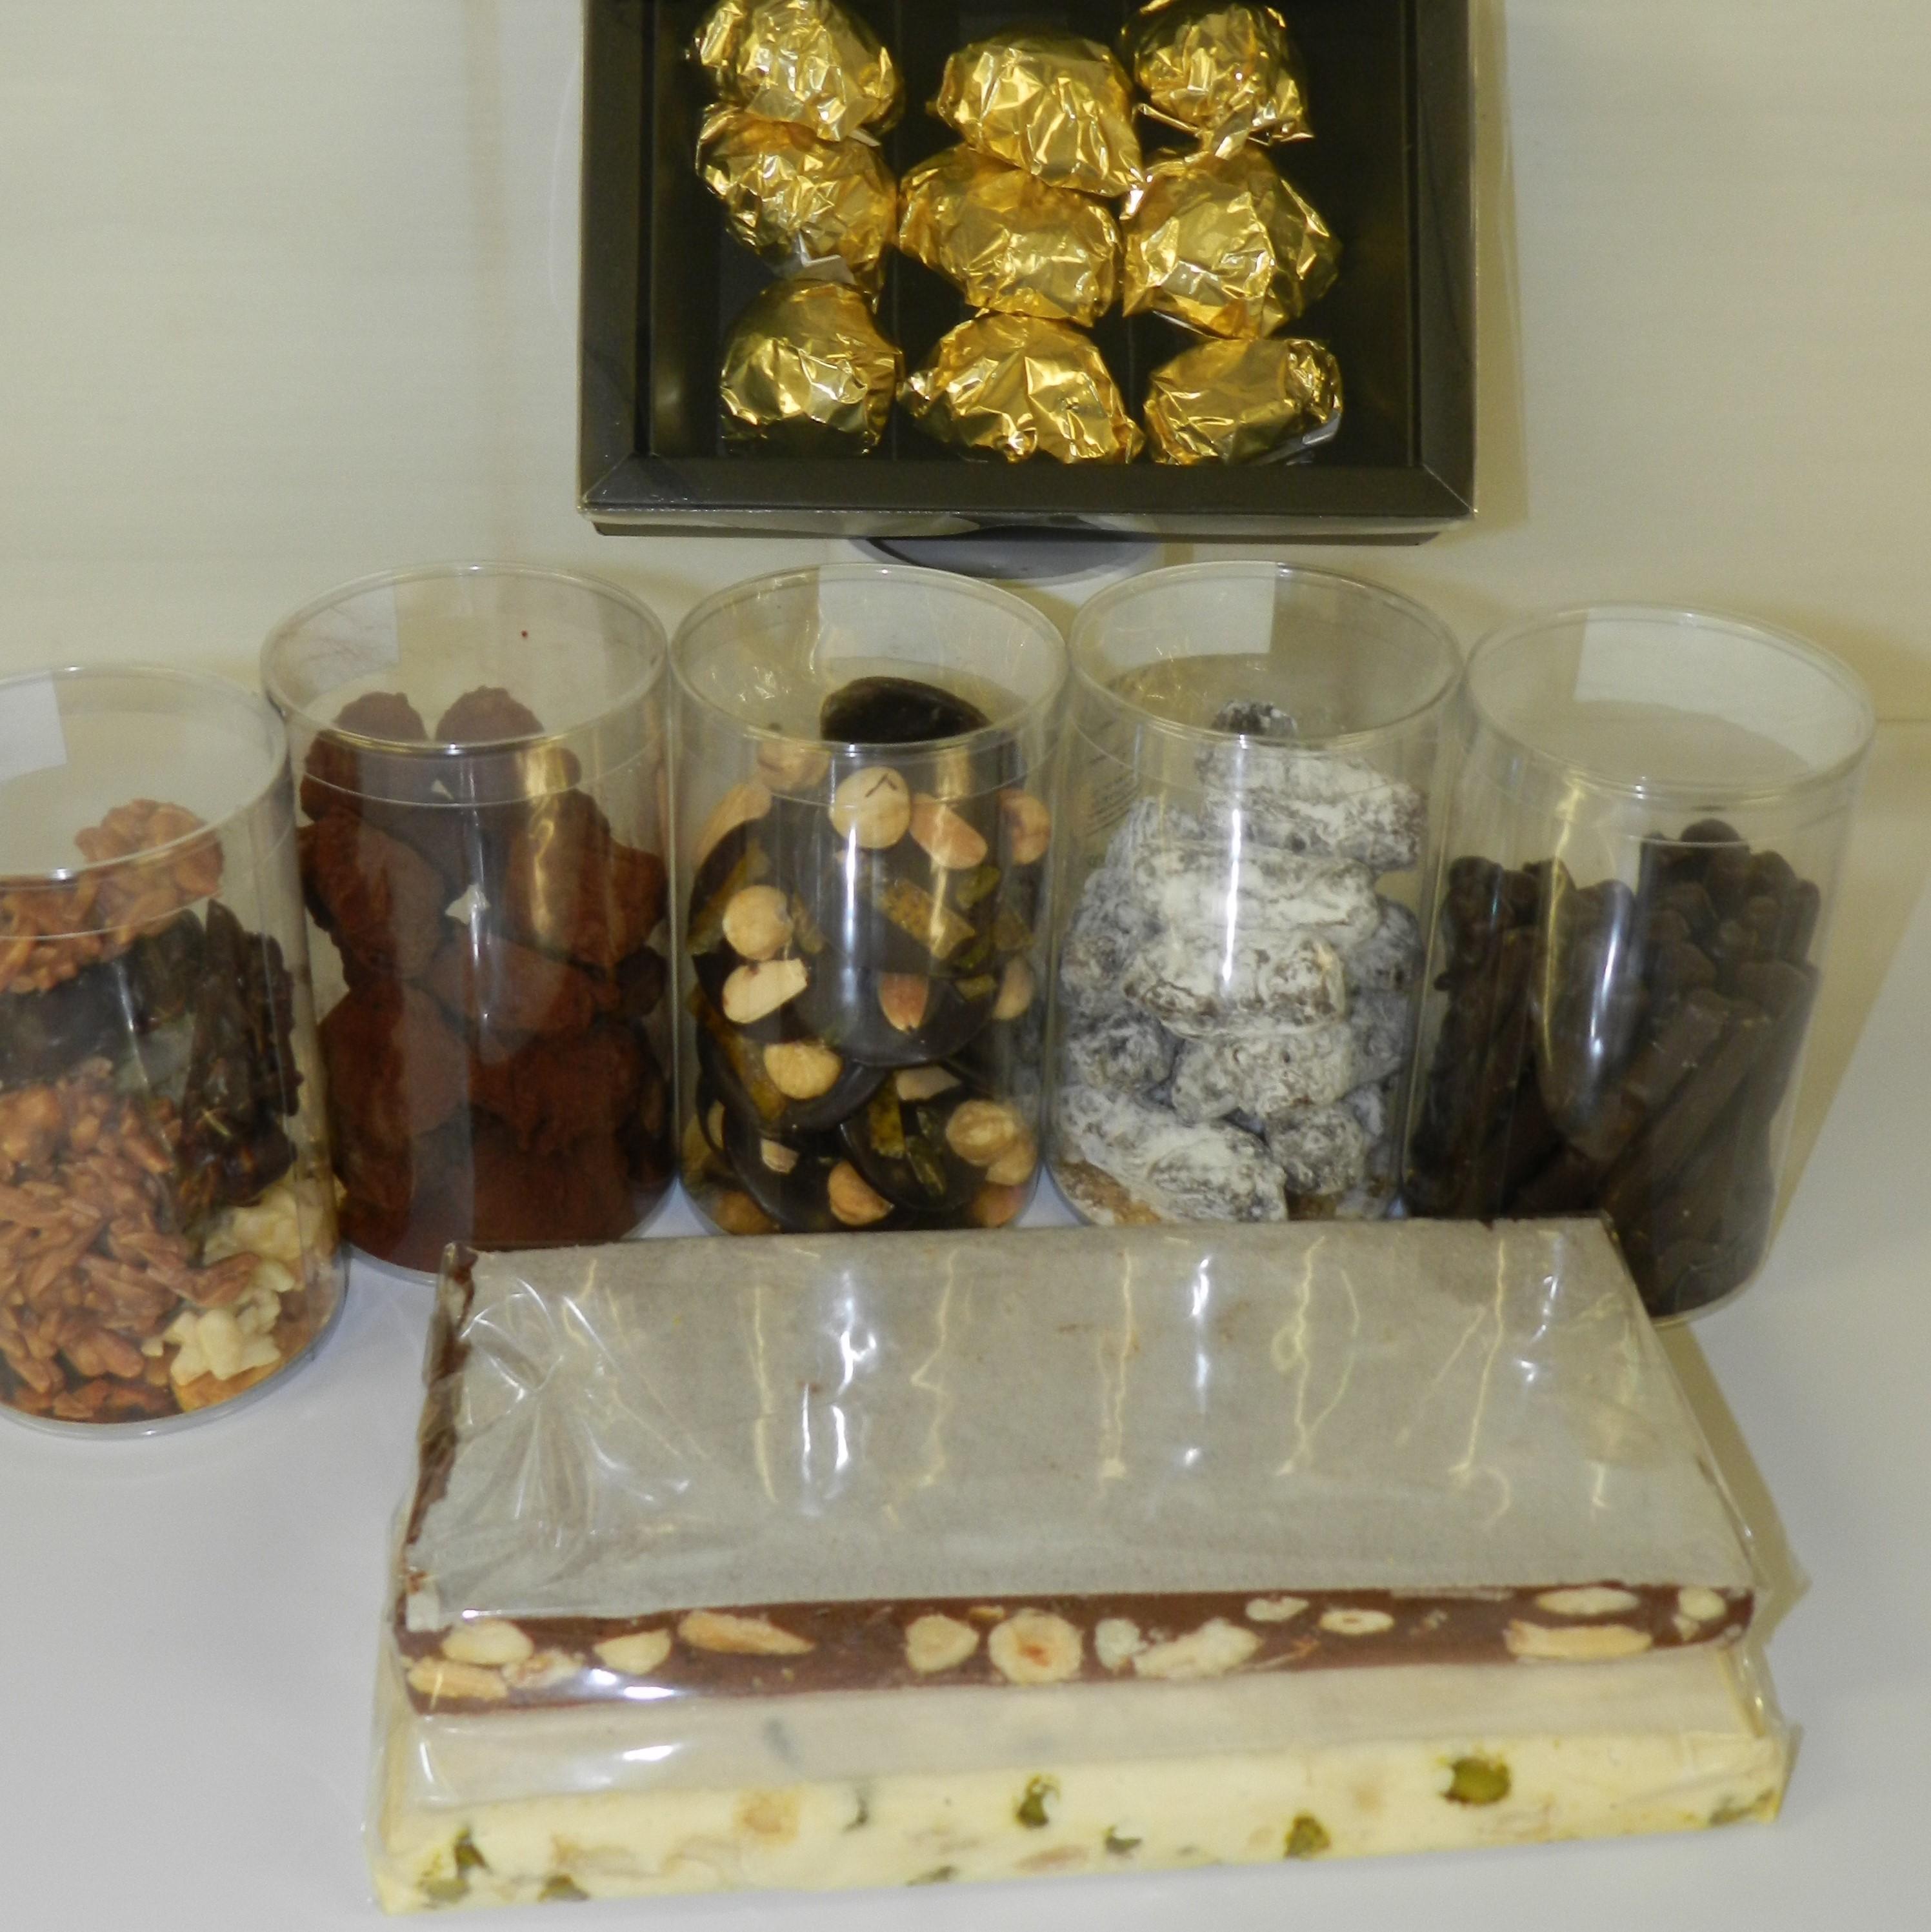 Confiserie marrons glacés nougat chocolat mendiants orangettes carré